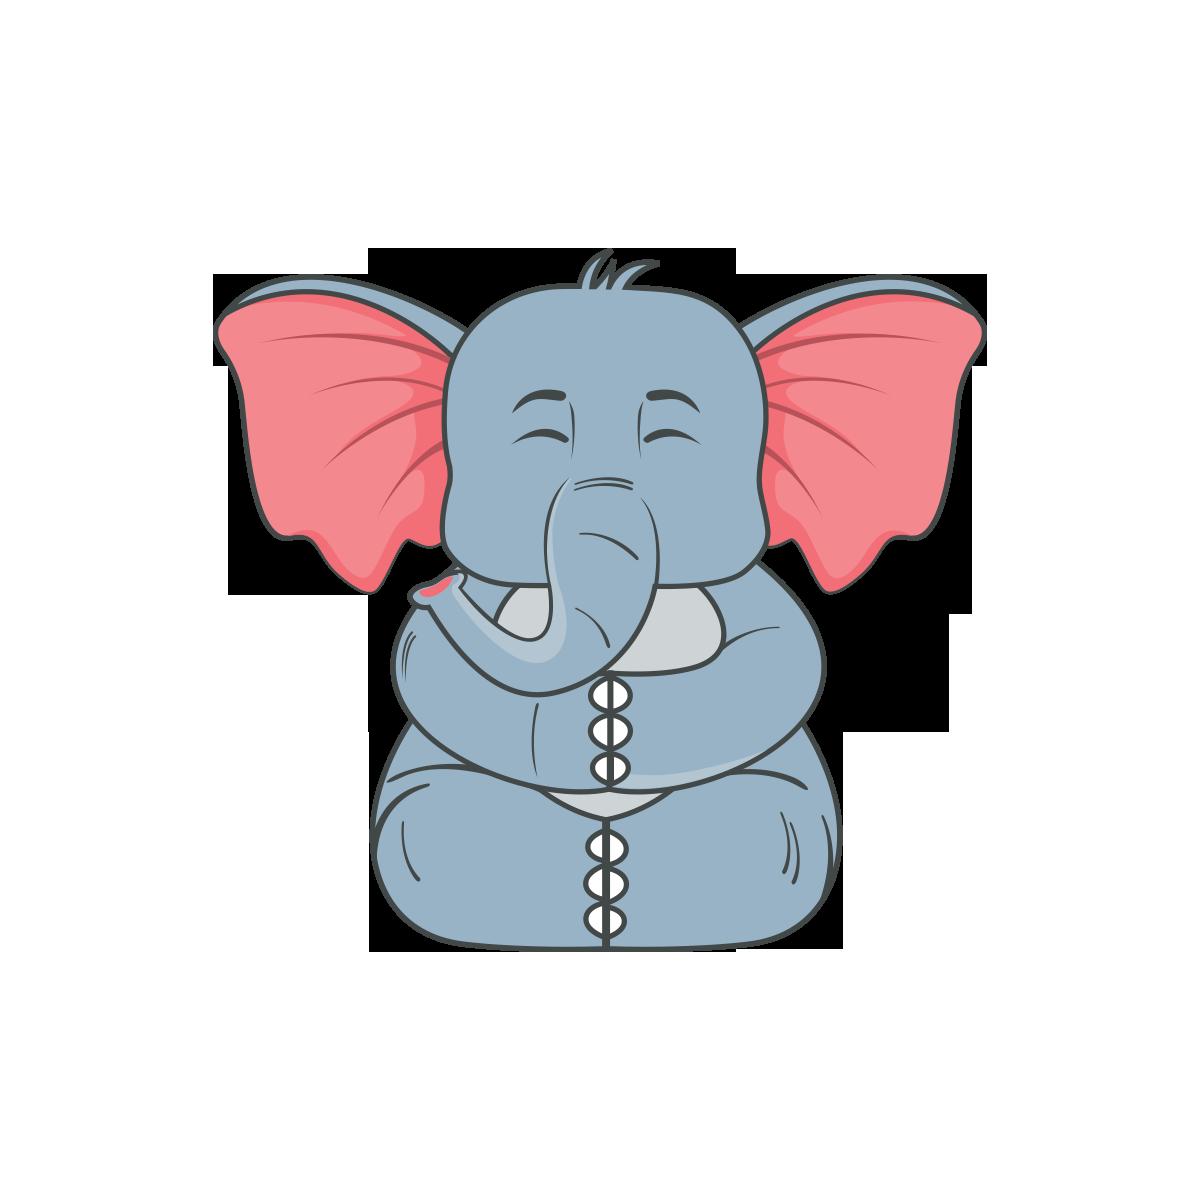 Ilustracao De Elefante Png Vector Minima Download Vetores Gratis